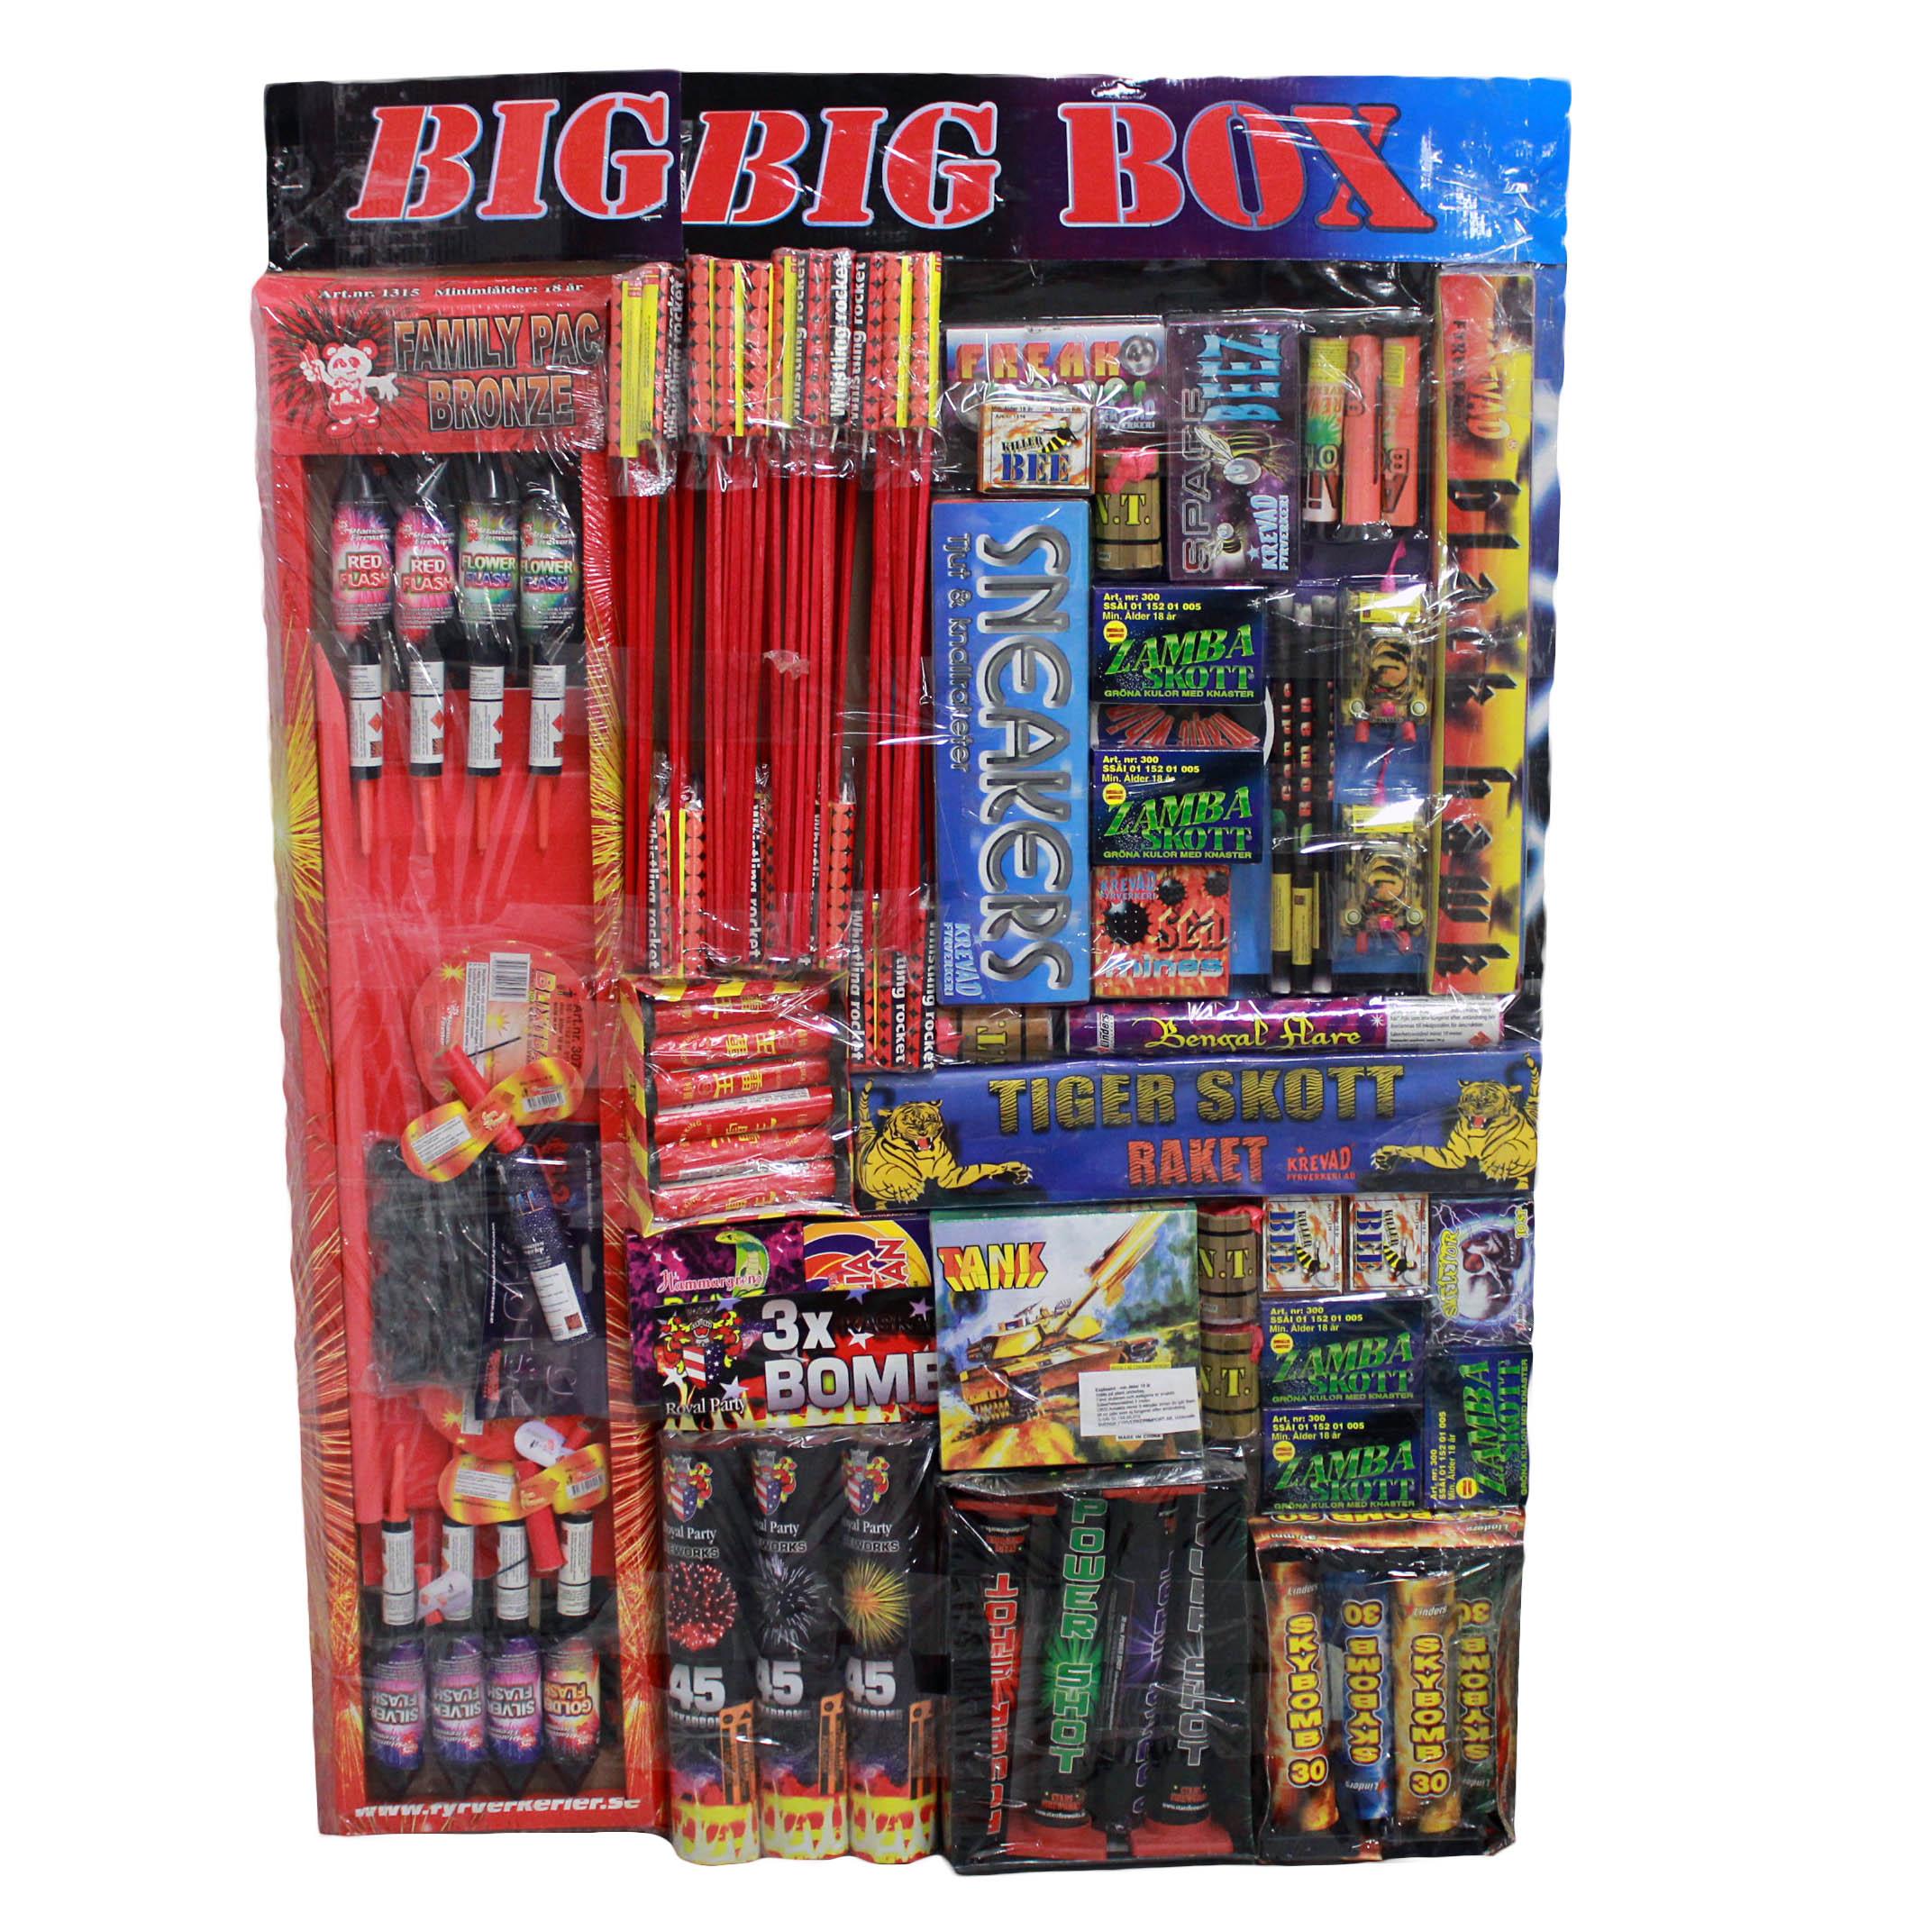 big-big-box - Fyrverkeri d3e138216a33a